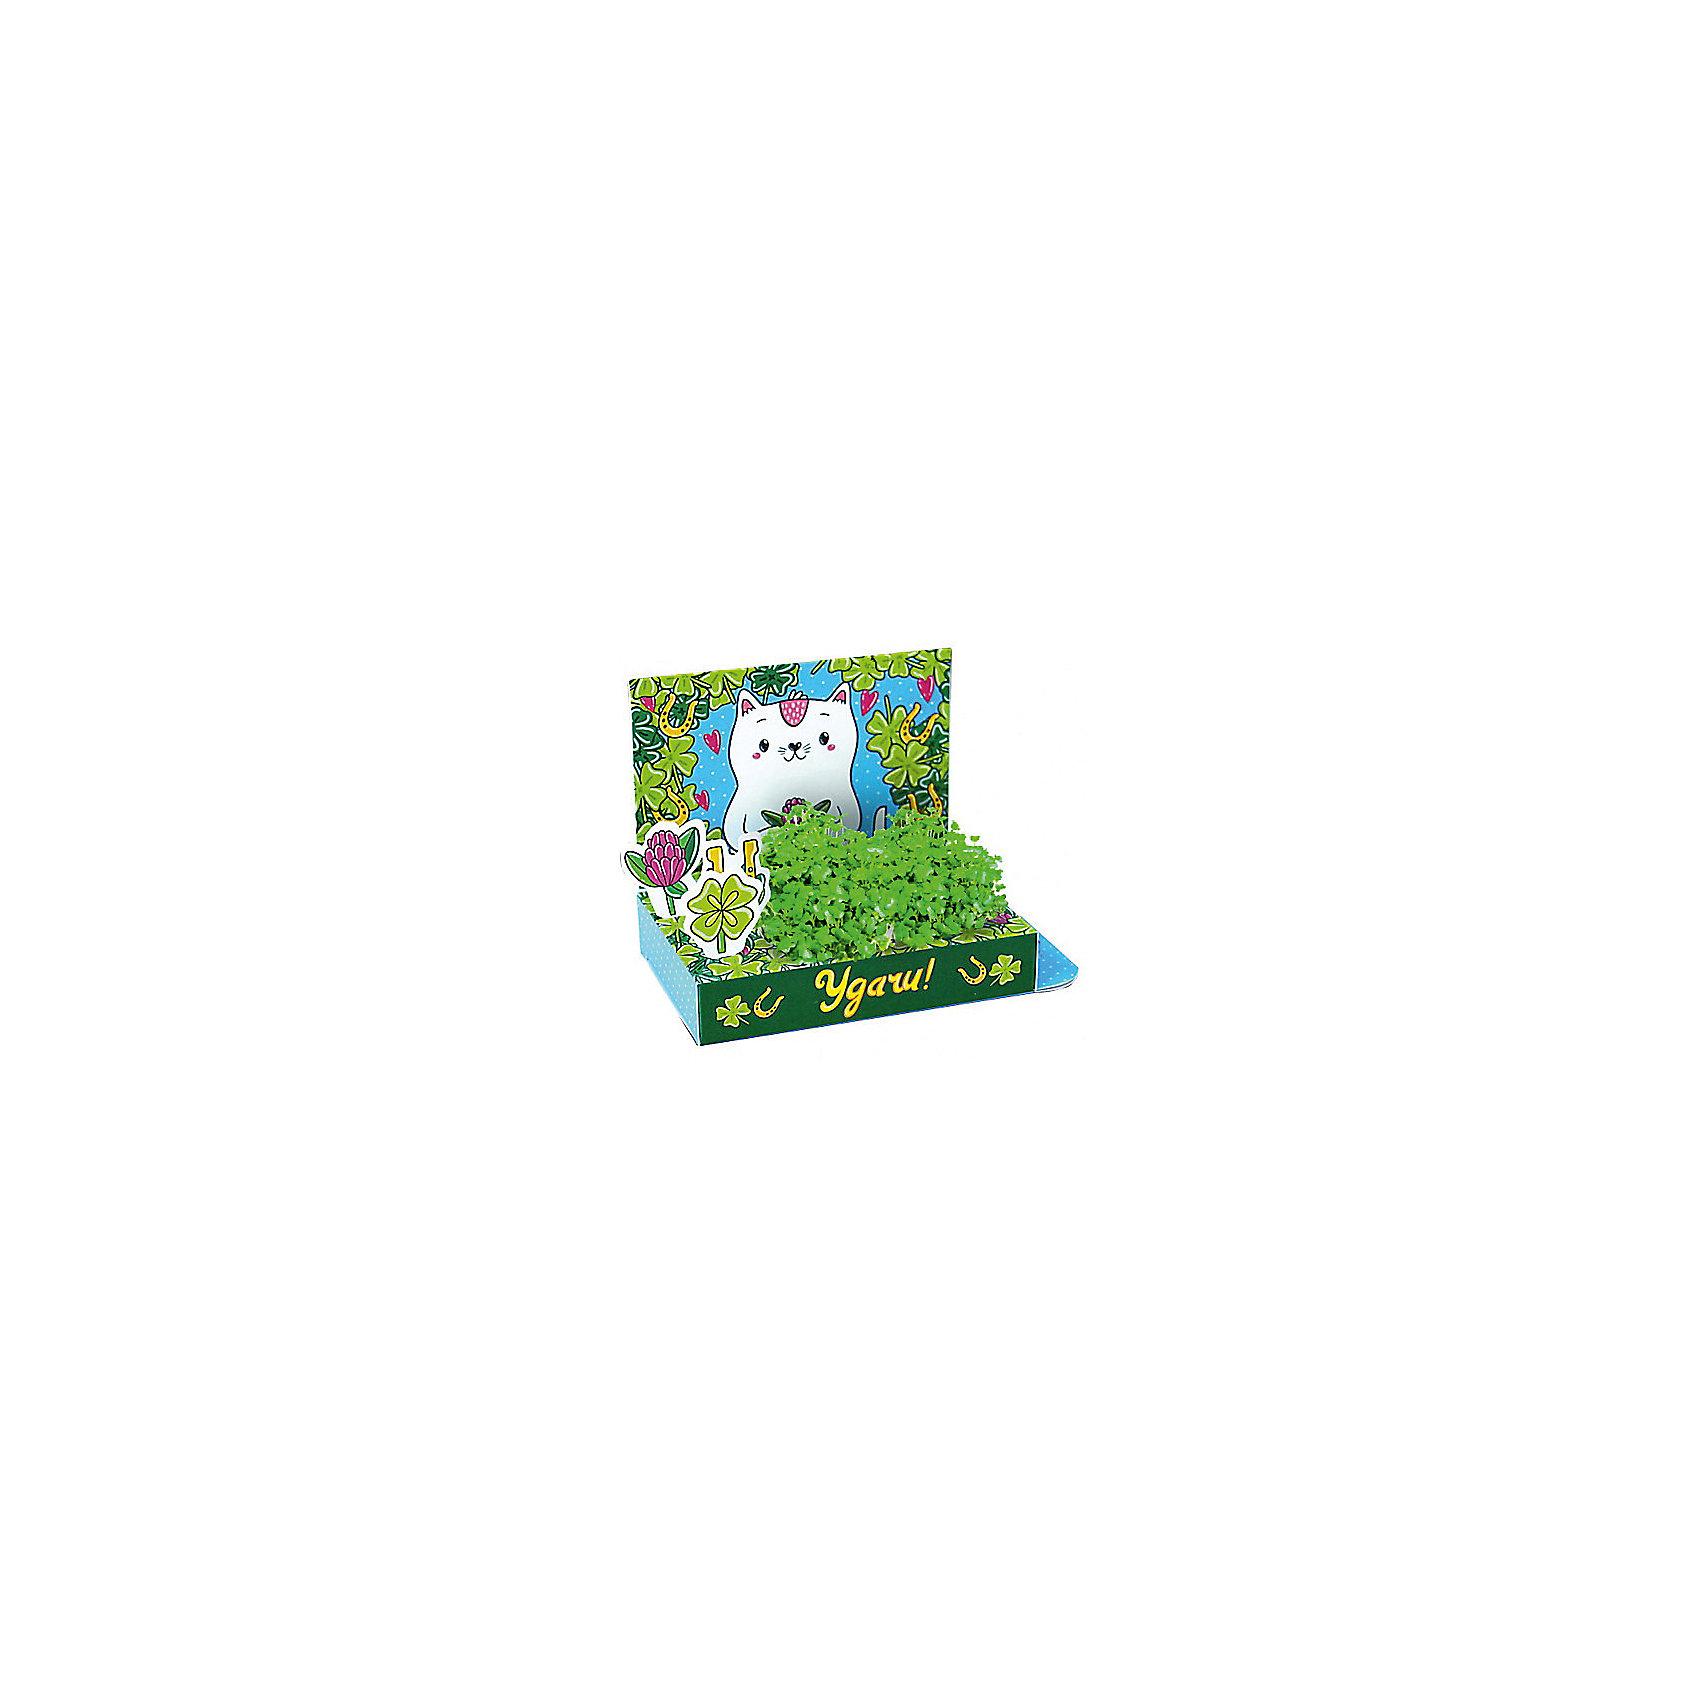 Набор для выращивания Живая открытка - Удачи! Кот, Happy PlantНаборы для выращивания растений<br>Подарочный набор Веселые моменты. Удачи! (Кот), Happy Plant.<br><br><br>Характеристики:<br><br>• возможность вырастить настоящую травку, не выходя из дома<br>• прост в использовании<br>• подходит в качестве подарка<br>• есть место для поздравительной надписи<br>• безопасные материалы<br>• гарантия качества<br>• в комплекте: открытка, 3 фигурки, семена, контейнер для растений, агроткань<br>• размер упаковки: 15х8х2,5 см<br>• вес: 30 грамм<br><br>Что может быть приятнее подарка, сделанного своими руками? Подарочный набор Веселые моменты поможет вам сделать живую открытку с поздравлениями. Спереди открытка украшены милым котиком, а сзади вы найдете специальное место для поздравлений и пожеланий. Посадите семена в агроткань, смоченную водой, полейте их - через несколько дней живые растения преобразят и оживят картинку. Такой подарок непременно понравится каждому!<br><br>Подарочный набор Веселые моменты Удачи! (Кот), Happy Plant вы можете купить в нашем интернет-магазине.<br><br>Ширина мм: 150<br>Глубина мм: 80<br>Высота мм: 25<br>Вес г: 30<br>Возраст от месяцев: 168<br>Возраст до месяцев: 240<br>Пол: Унисекс<br>Возраст: Детский<br>SKU: 5053963